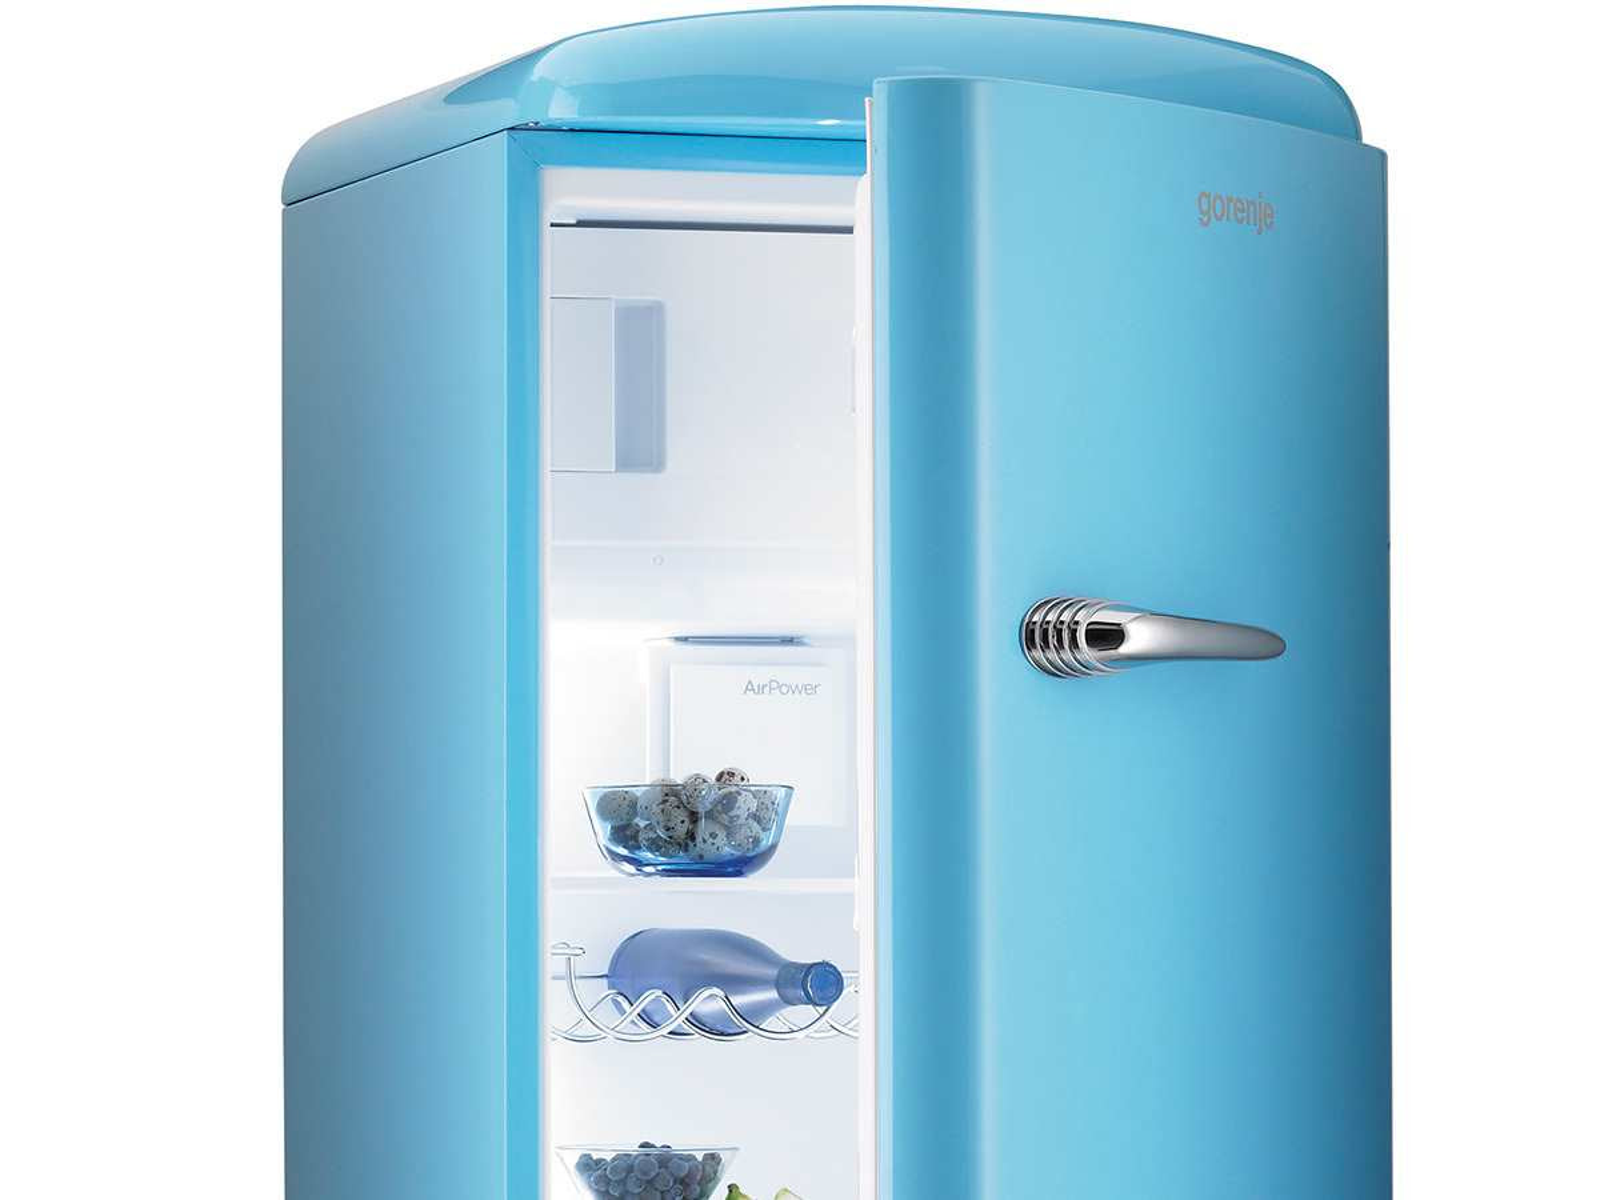 Gorenje Kühlschrank Hi1526 : Kühlschrank blau gorenje ruiz claudia